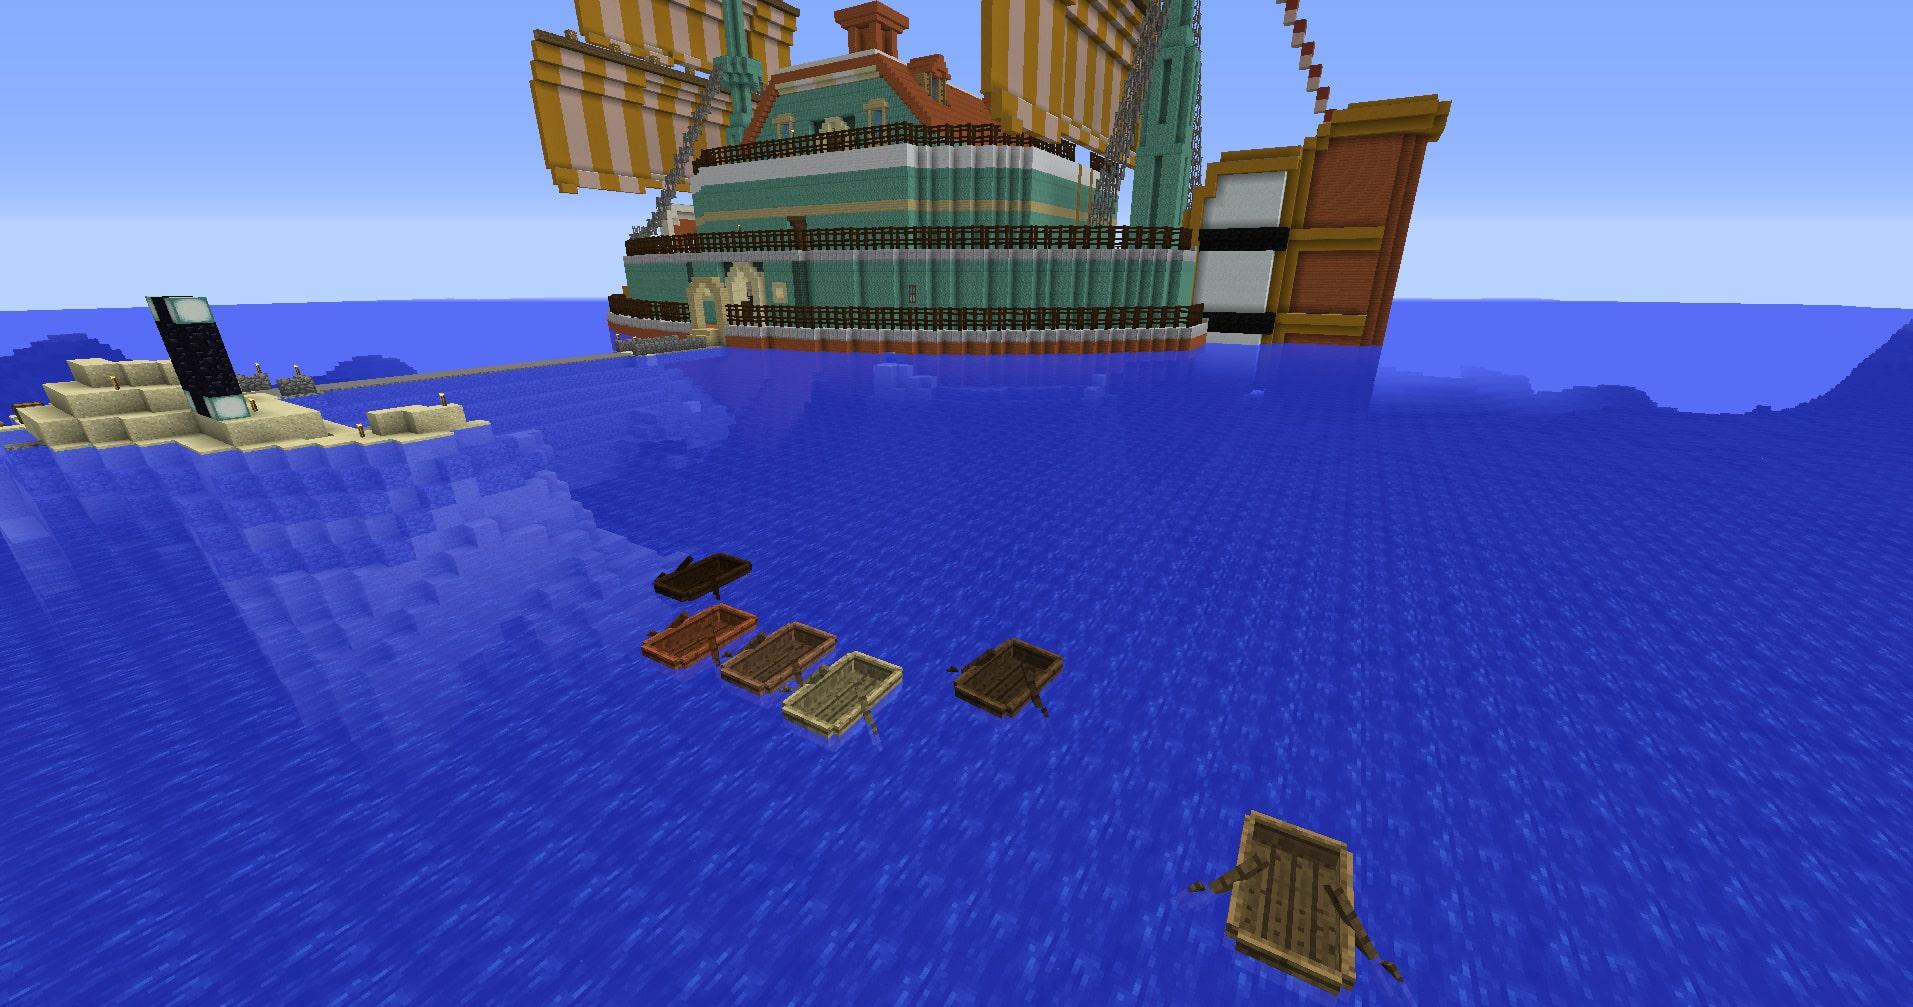 マインクラフト攻略 ボートの使い方